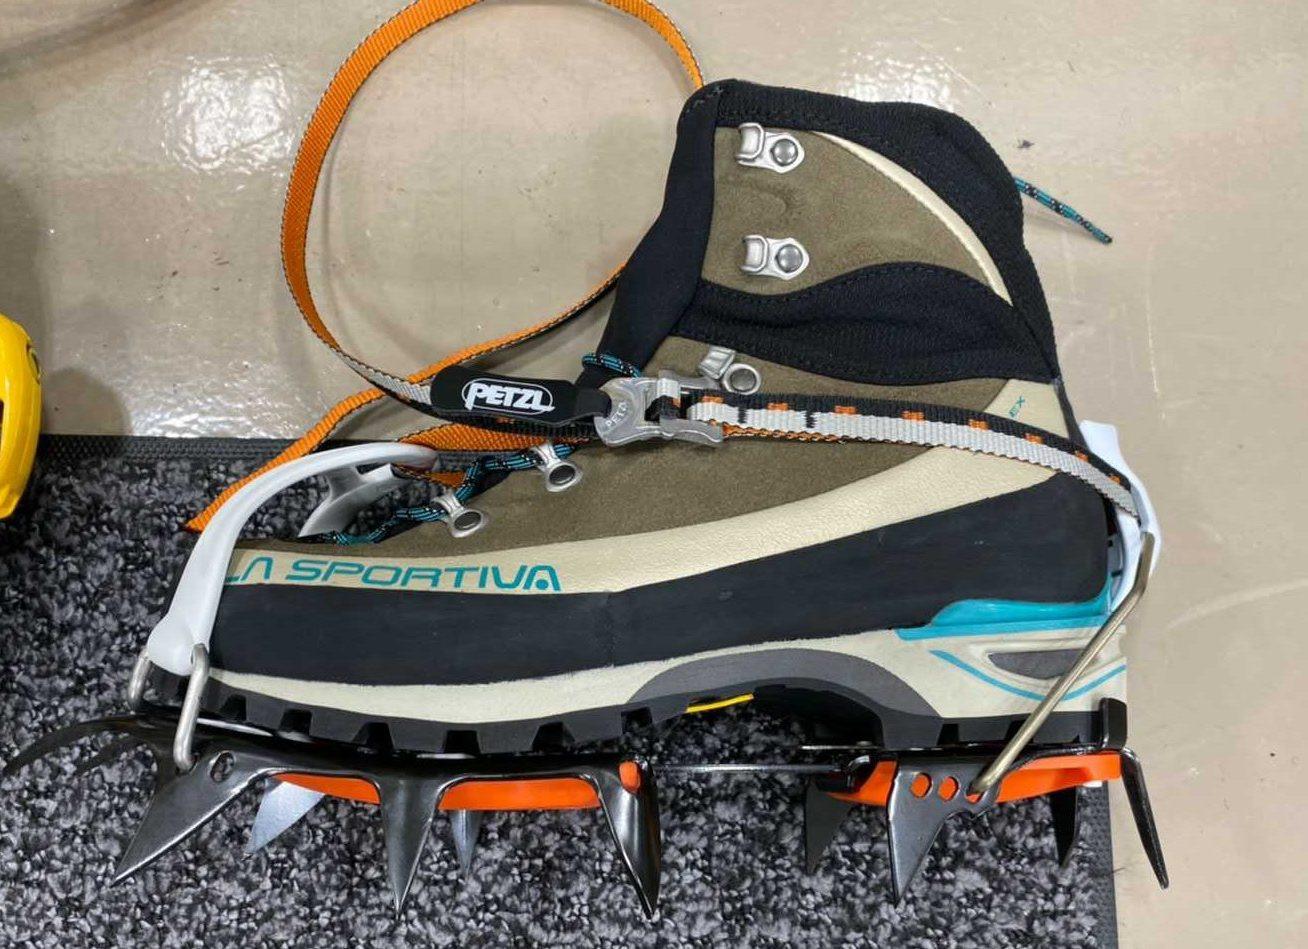 ペツルのアイゼン・バサックをスポルティバ の登山靴トランゴアルプエボに装着した写真